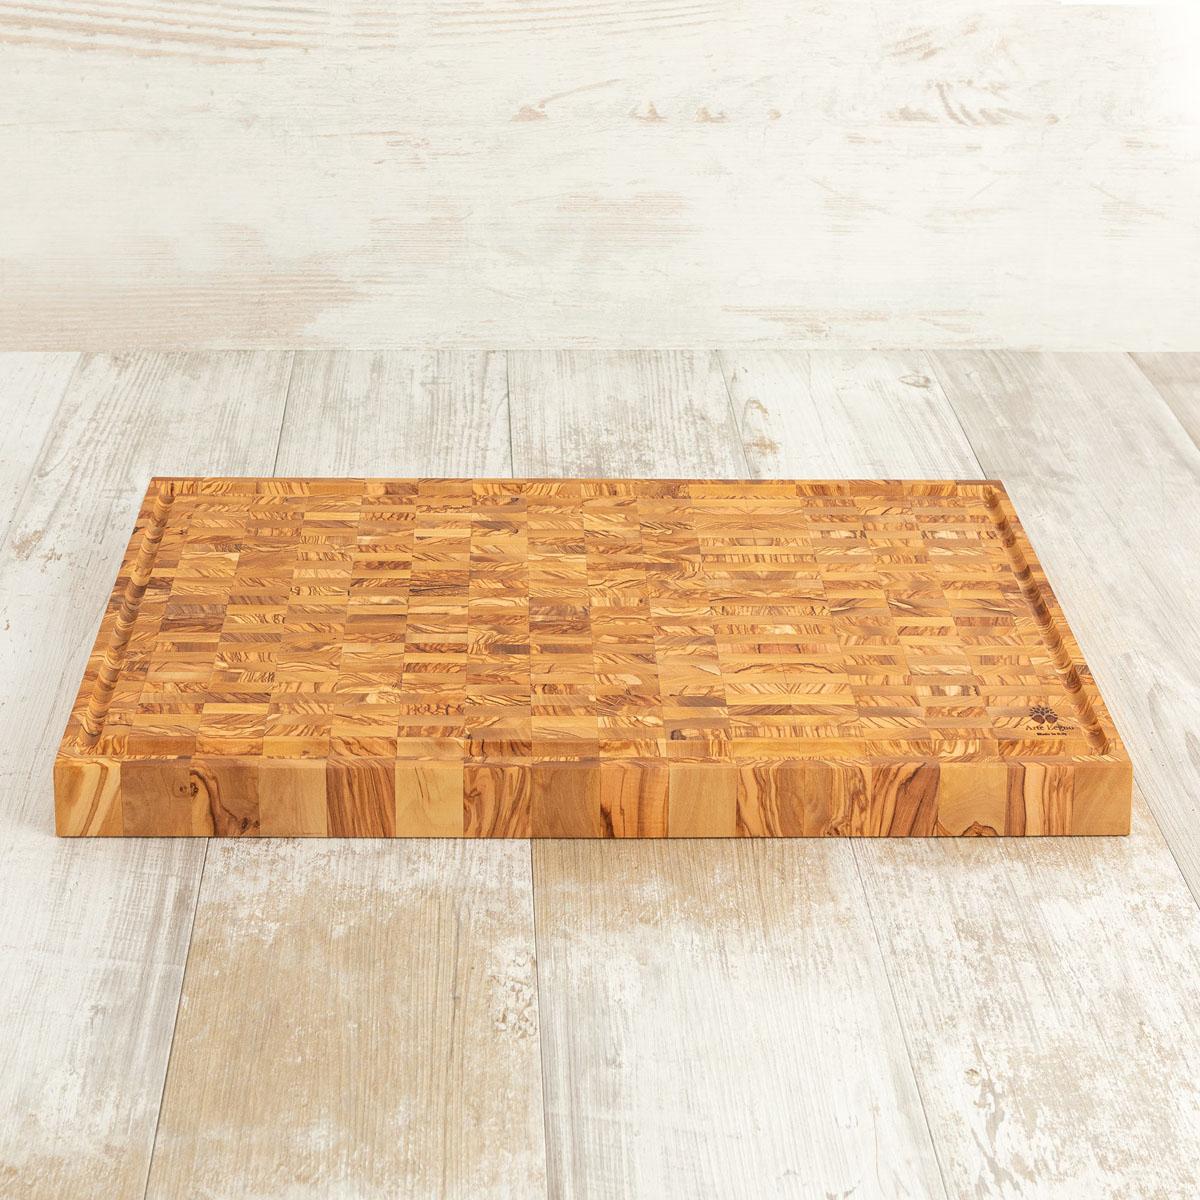 Tagliere listellare cm 62×30×4,2 in legno di ulivo - Arte Legno